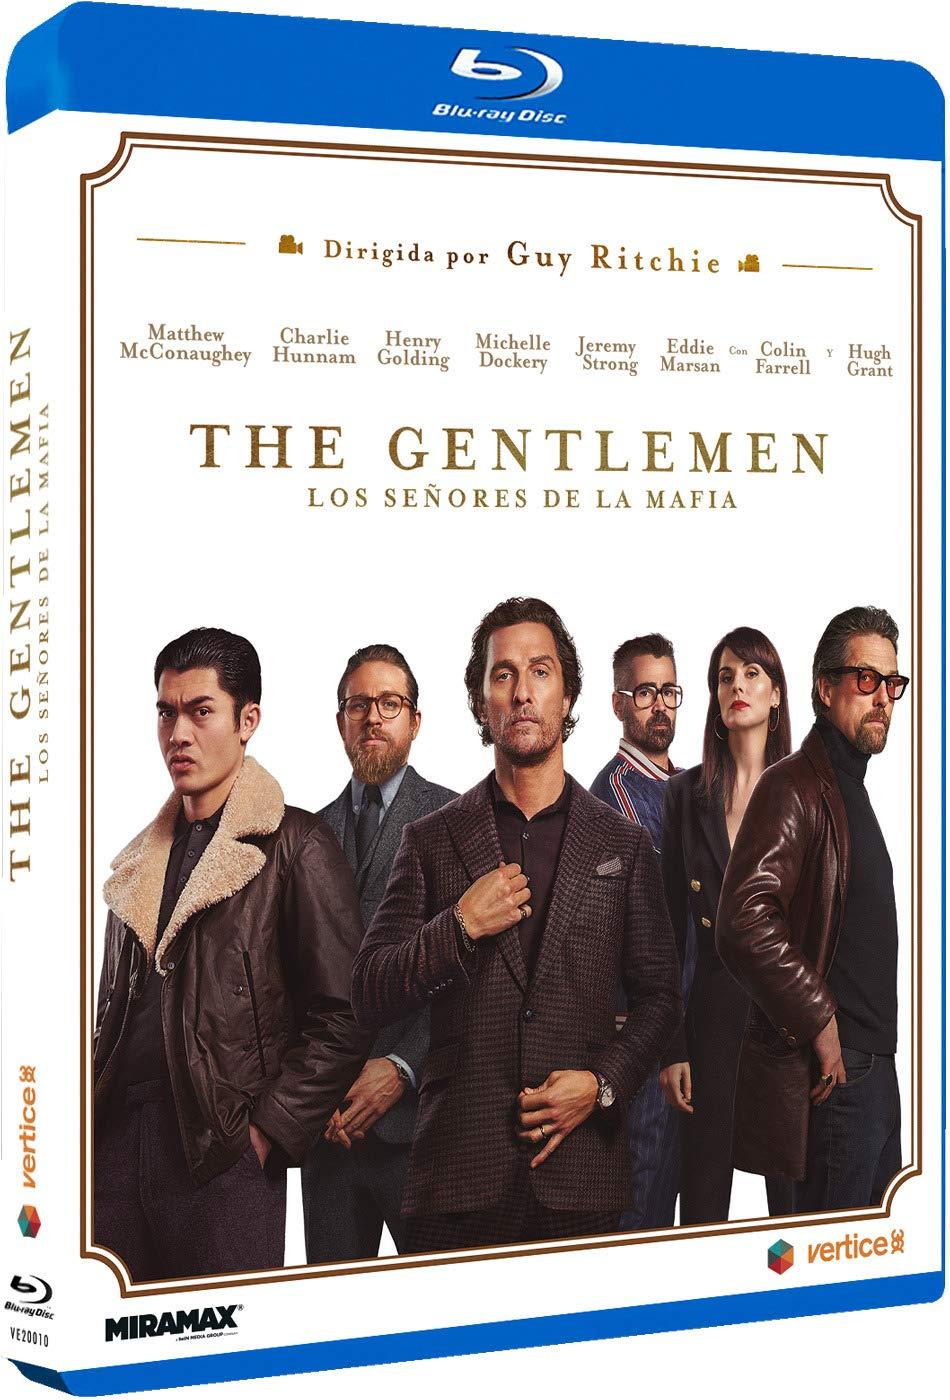 The Gentlemen. Los señores de la mafia [Blu-ray]